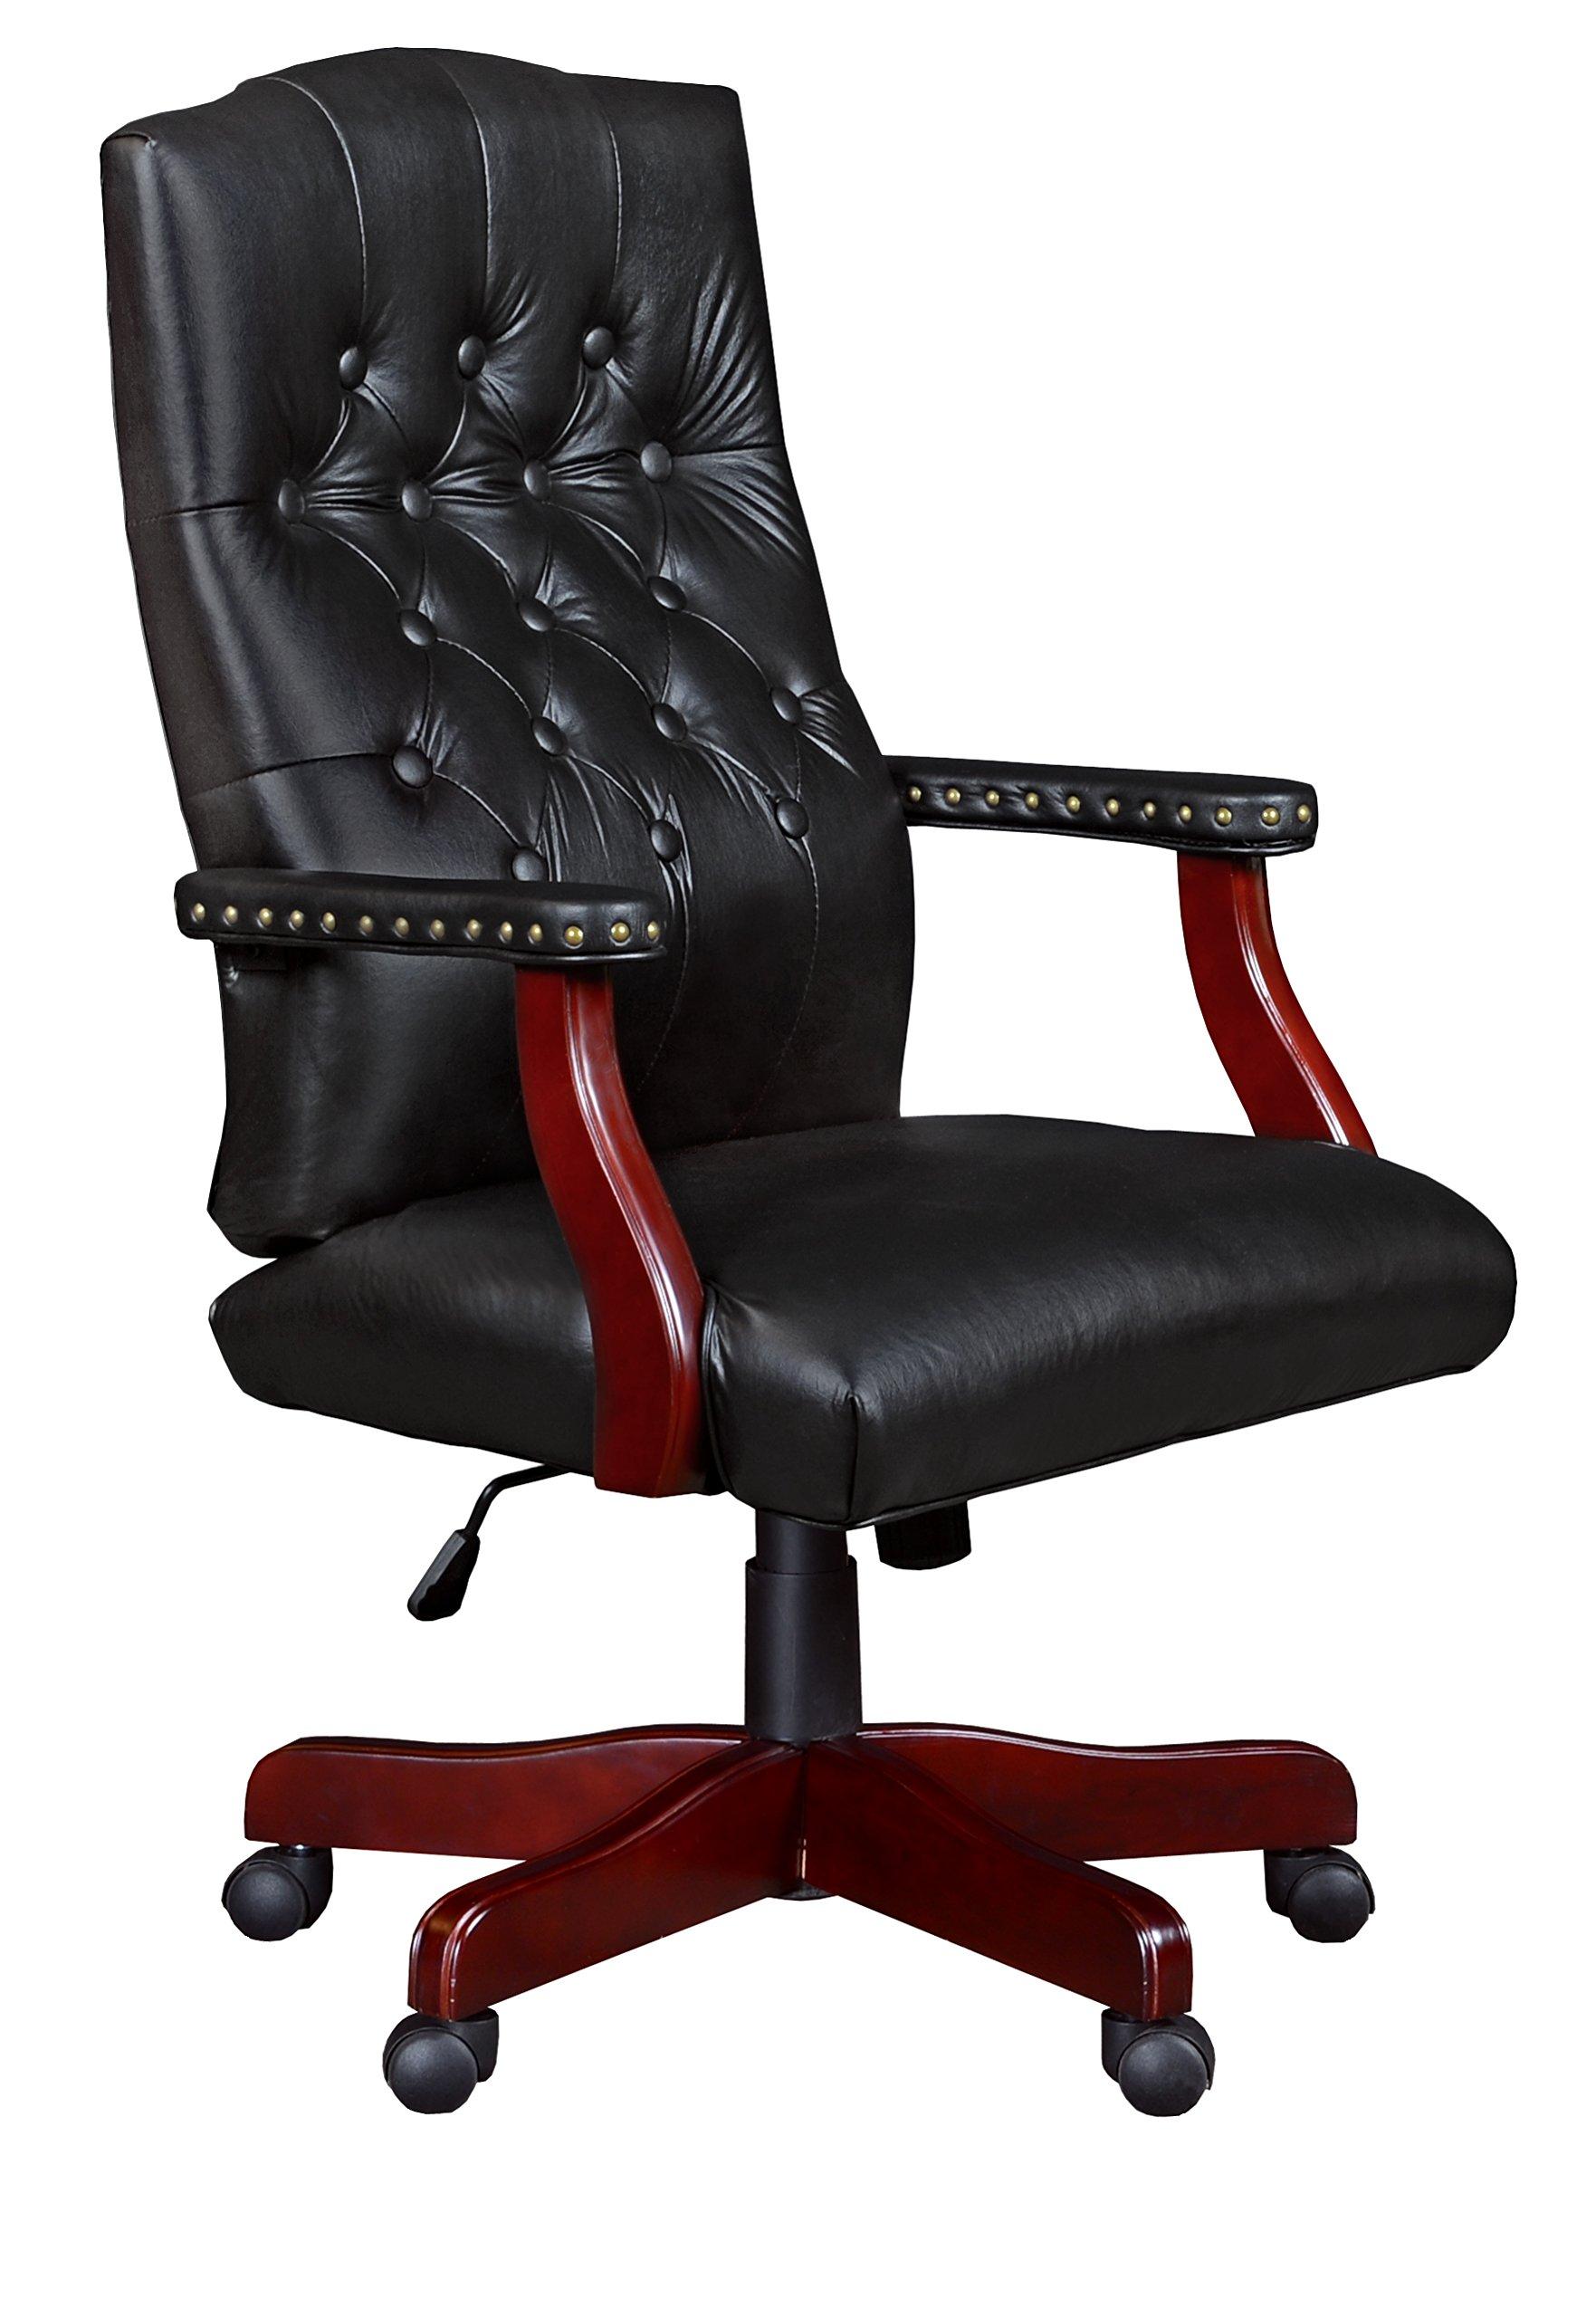 Regency Ivy League Swivel Chair, Black